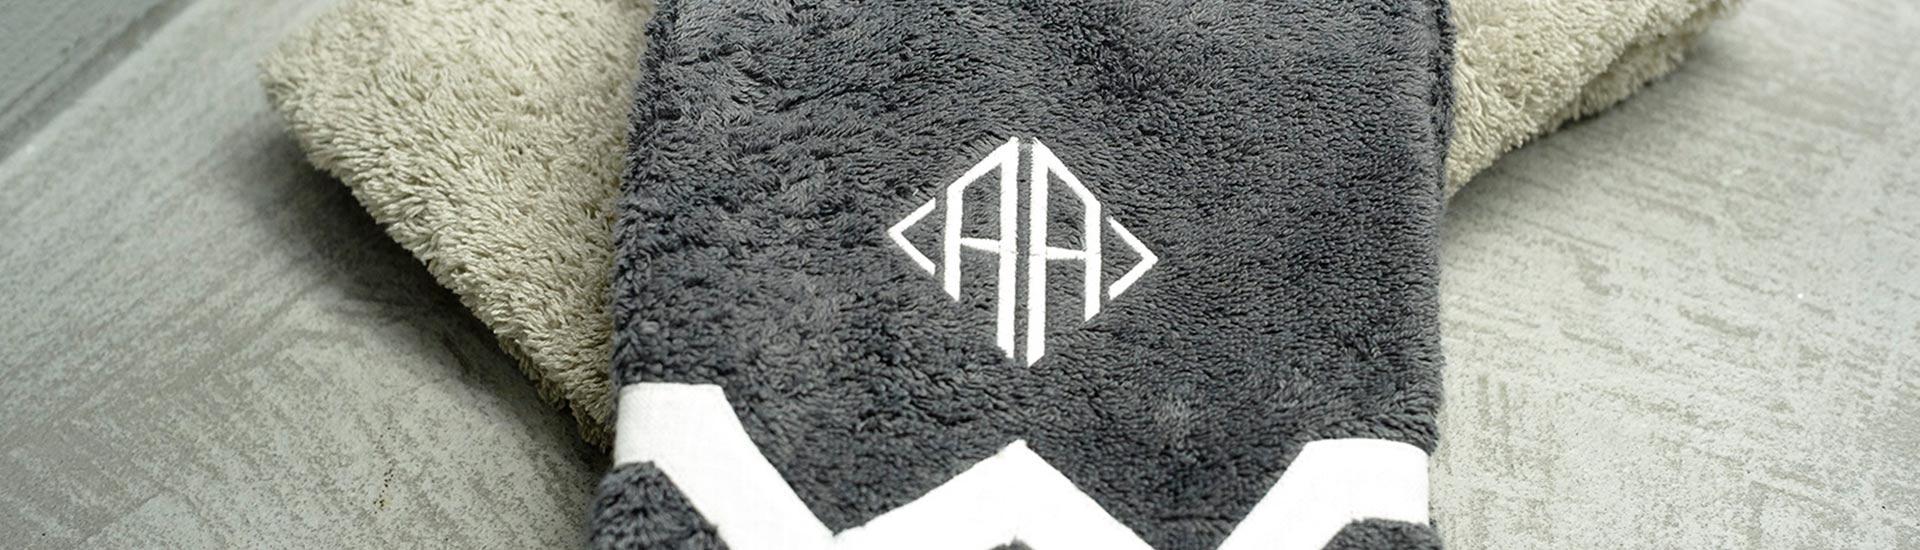 toalla con monograma bordado